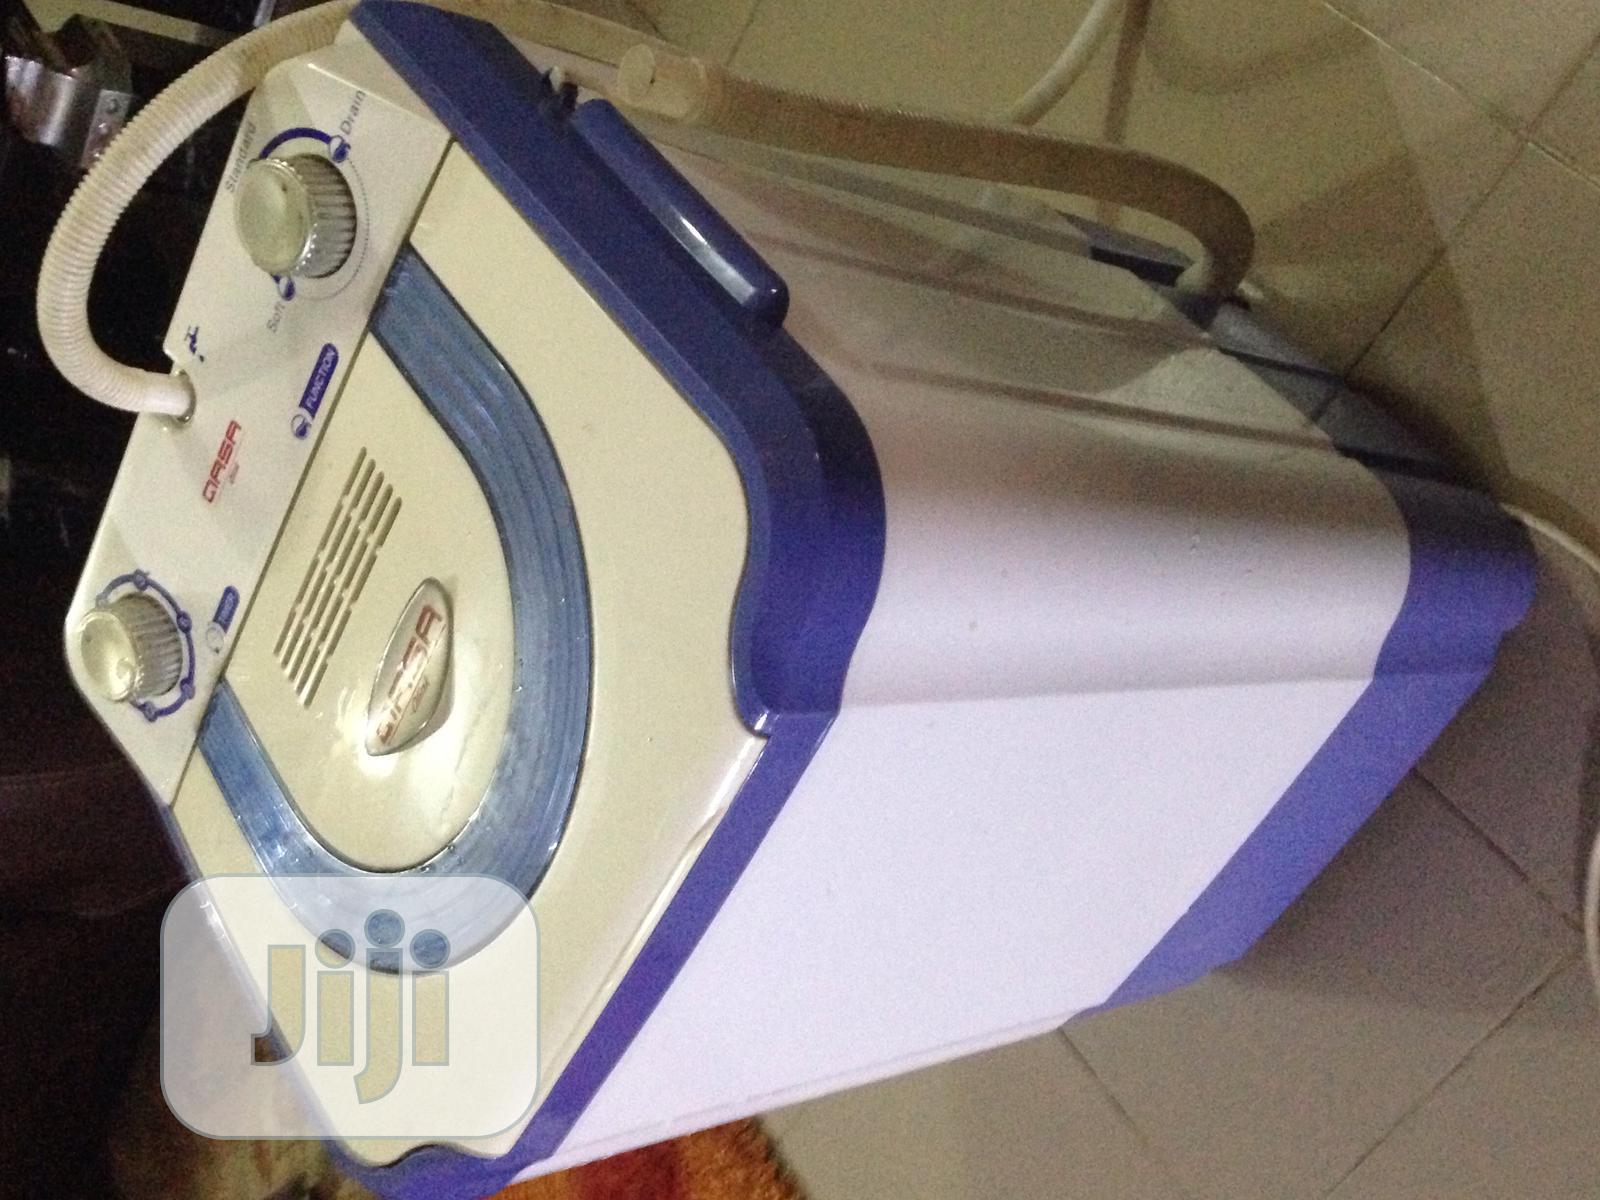 Qasa 3kg Washing Machine